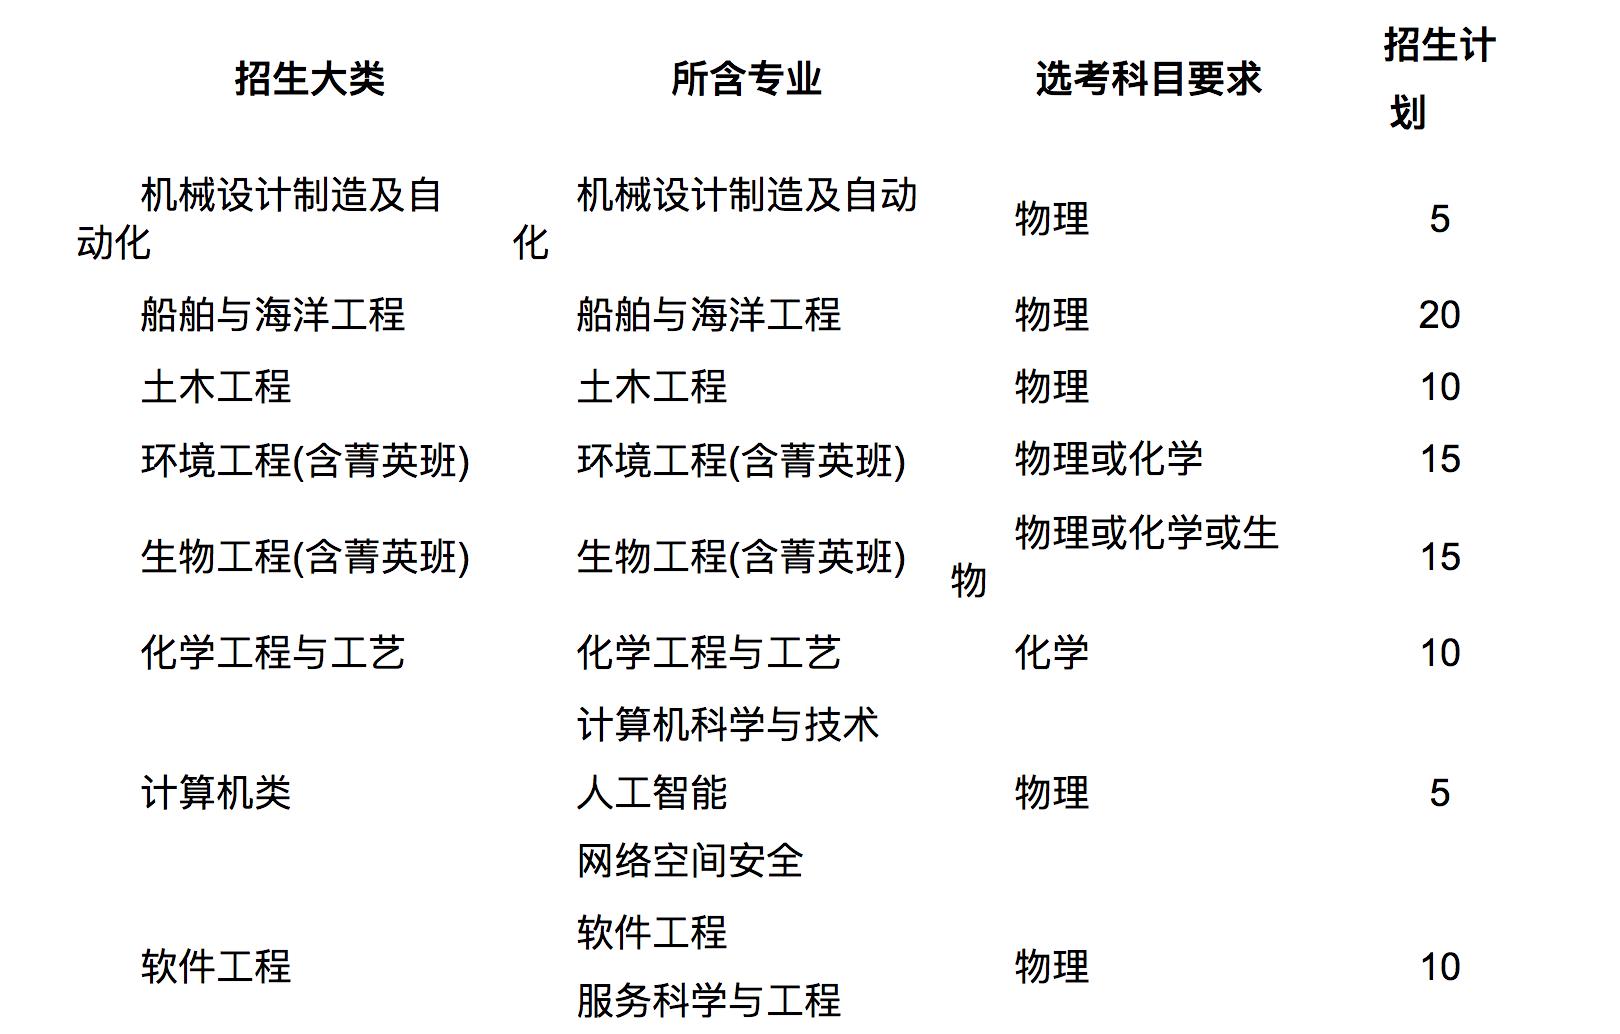 哈尔滨工业大学(威海)2020综合评价招生往年面试真题